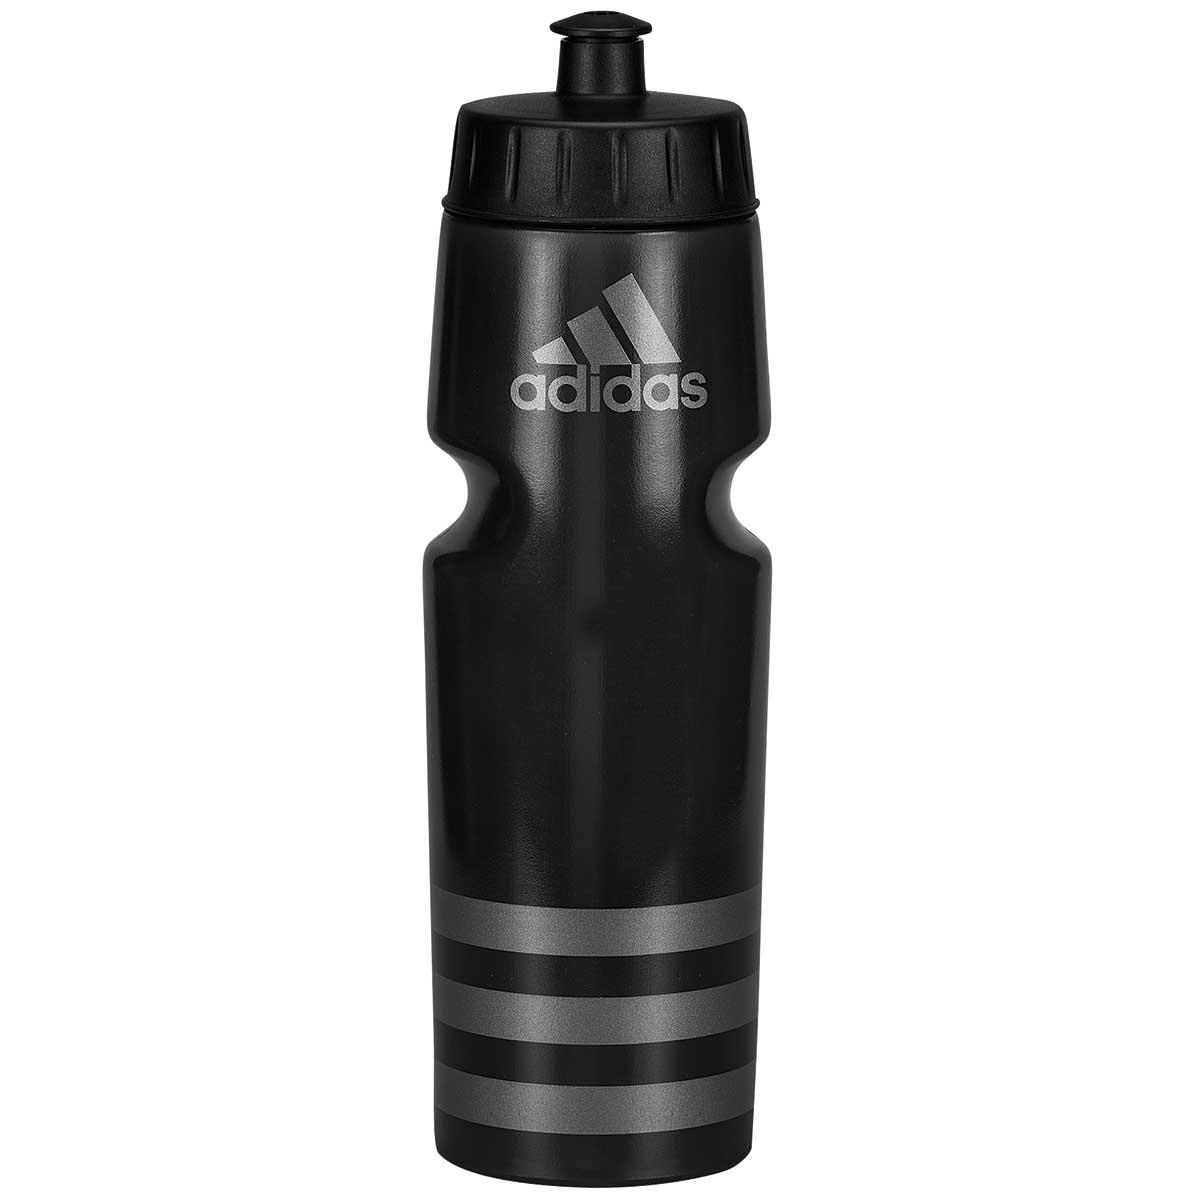 Vandens buteliukas ADIDAS S96920 BLACK